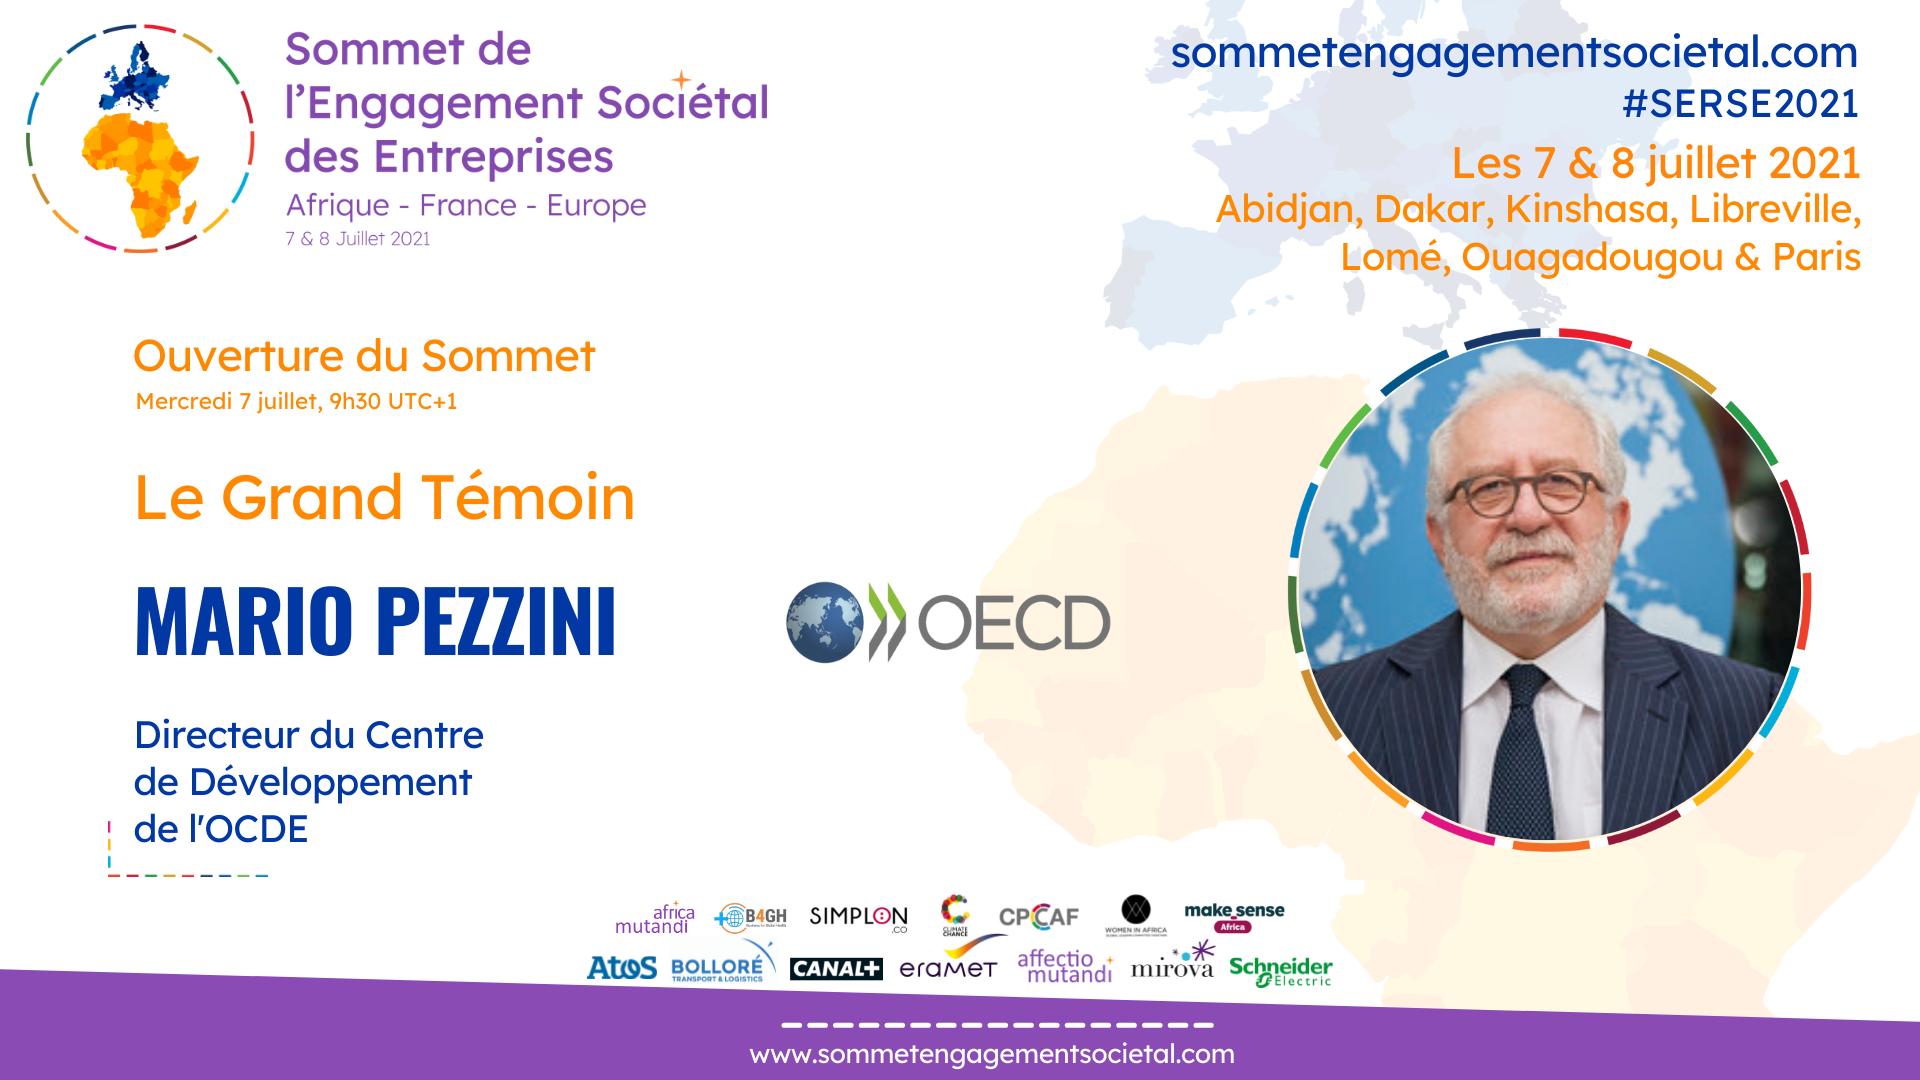 Mario Pezzini exprime sa vision sur la reprise mondiale et le rôle de l'Afrique